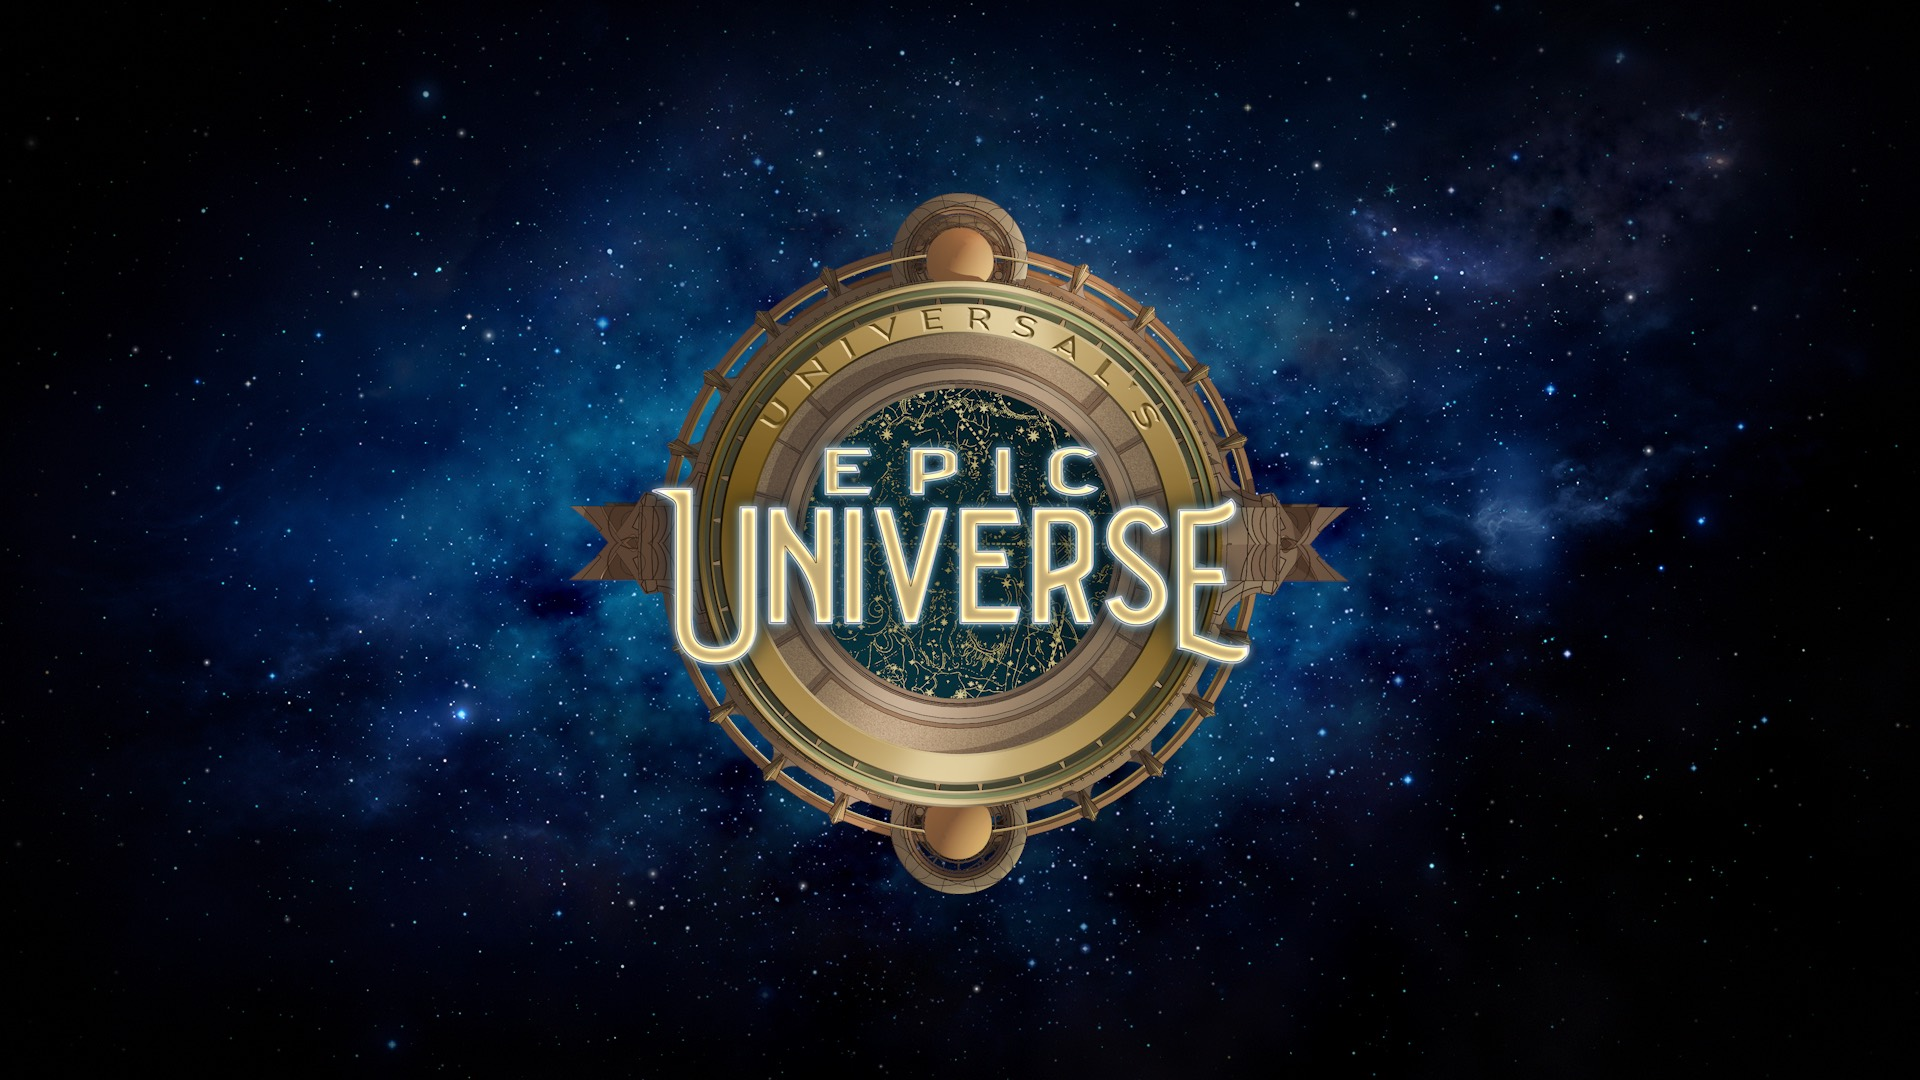 """Imagem do logo do novo parque da Universal, um círculo semelhante a uma bússola sobre um céu estrelado, com as palavras """"Epic Universe"""" no centro."""